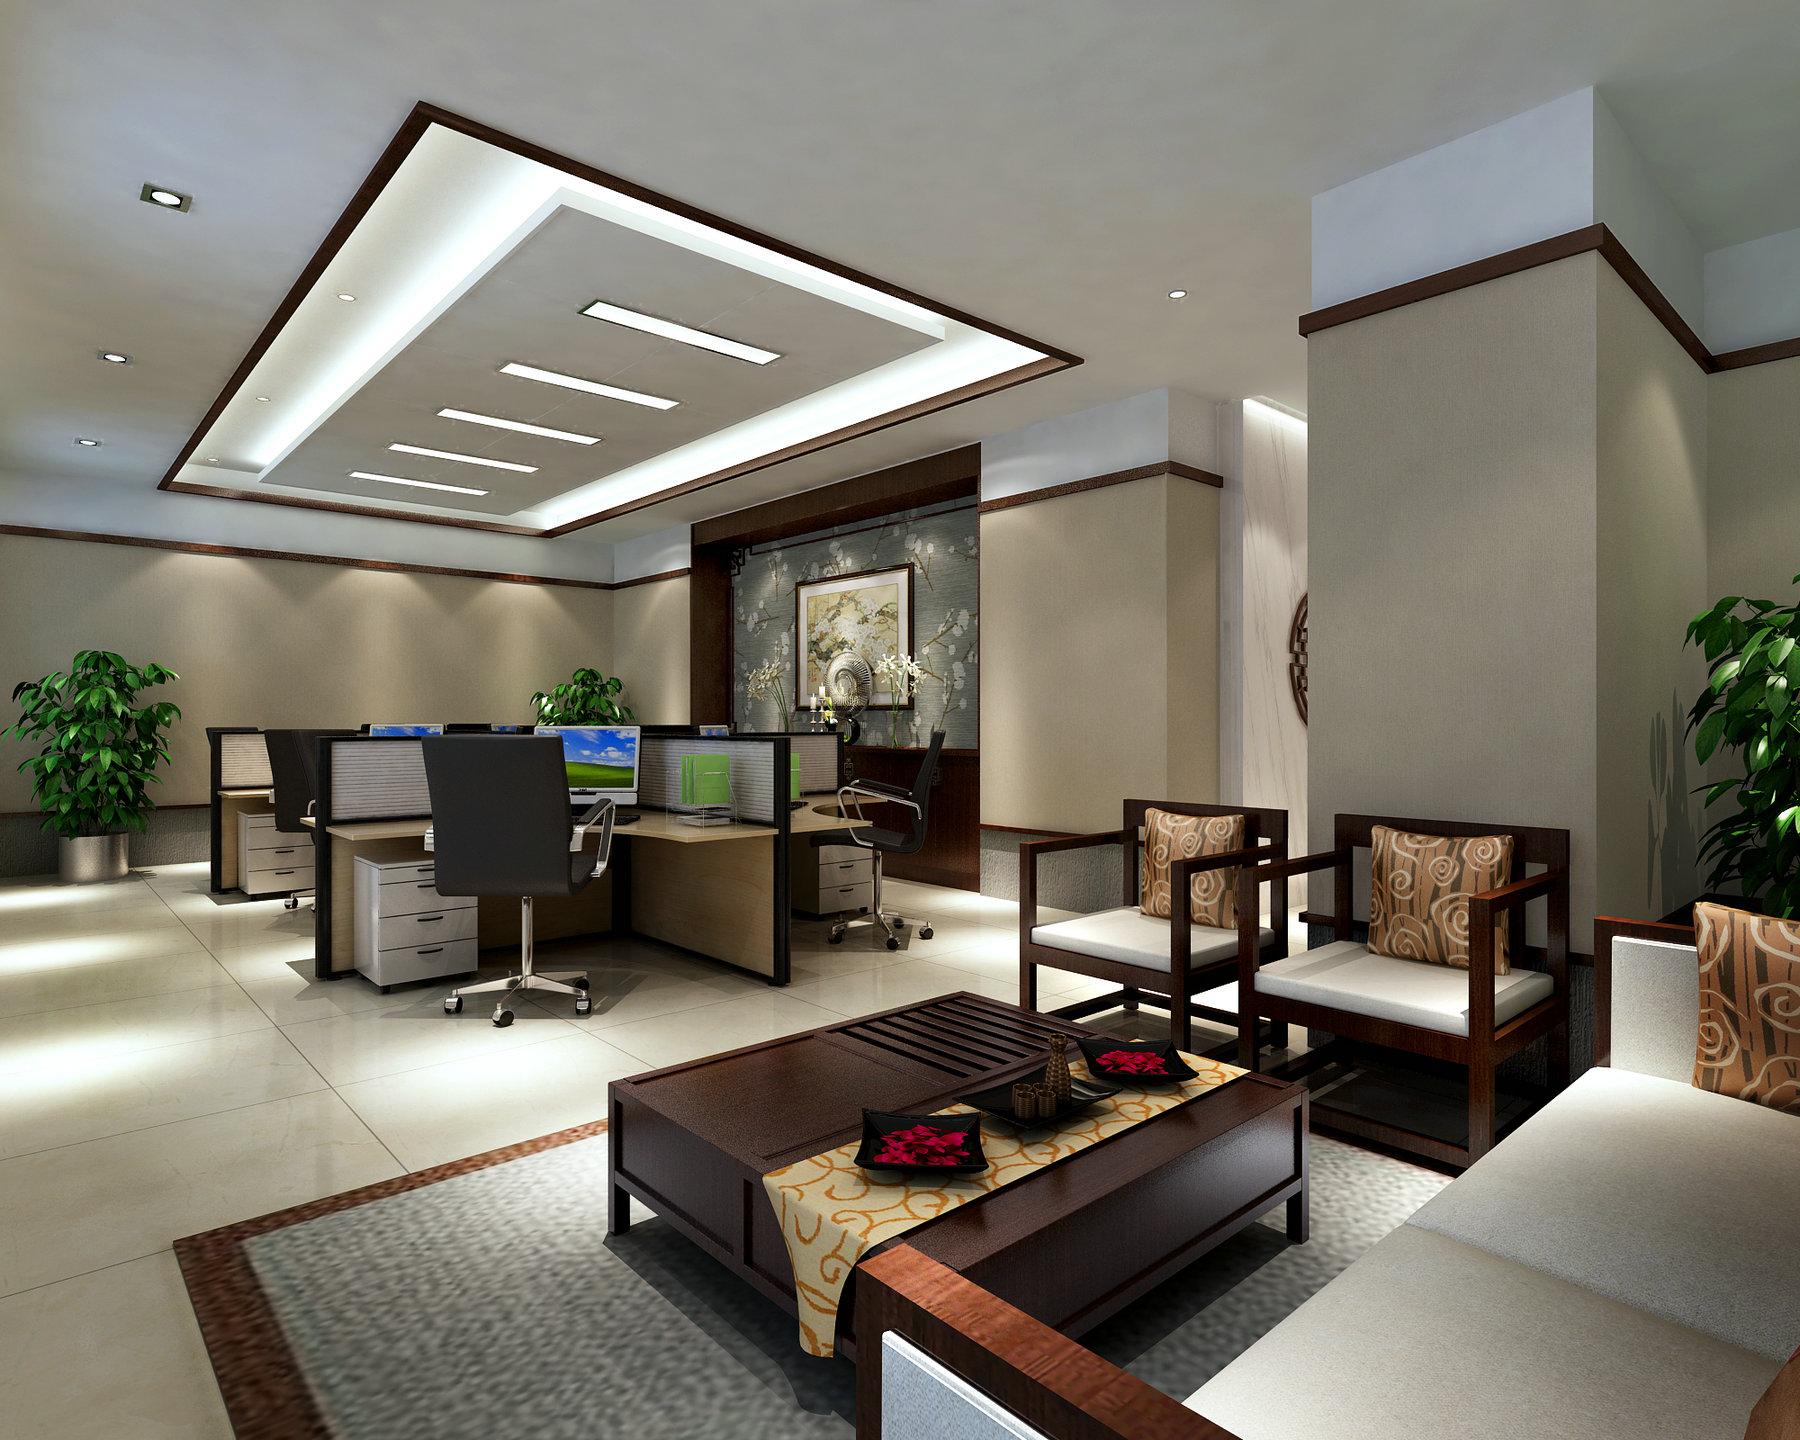 办公空间 现代风格 腾龙设计 客厅图片来自孔继民在办公空间设计案例展示的分享